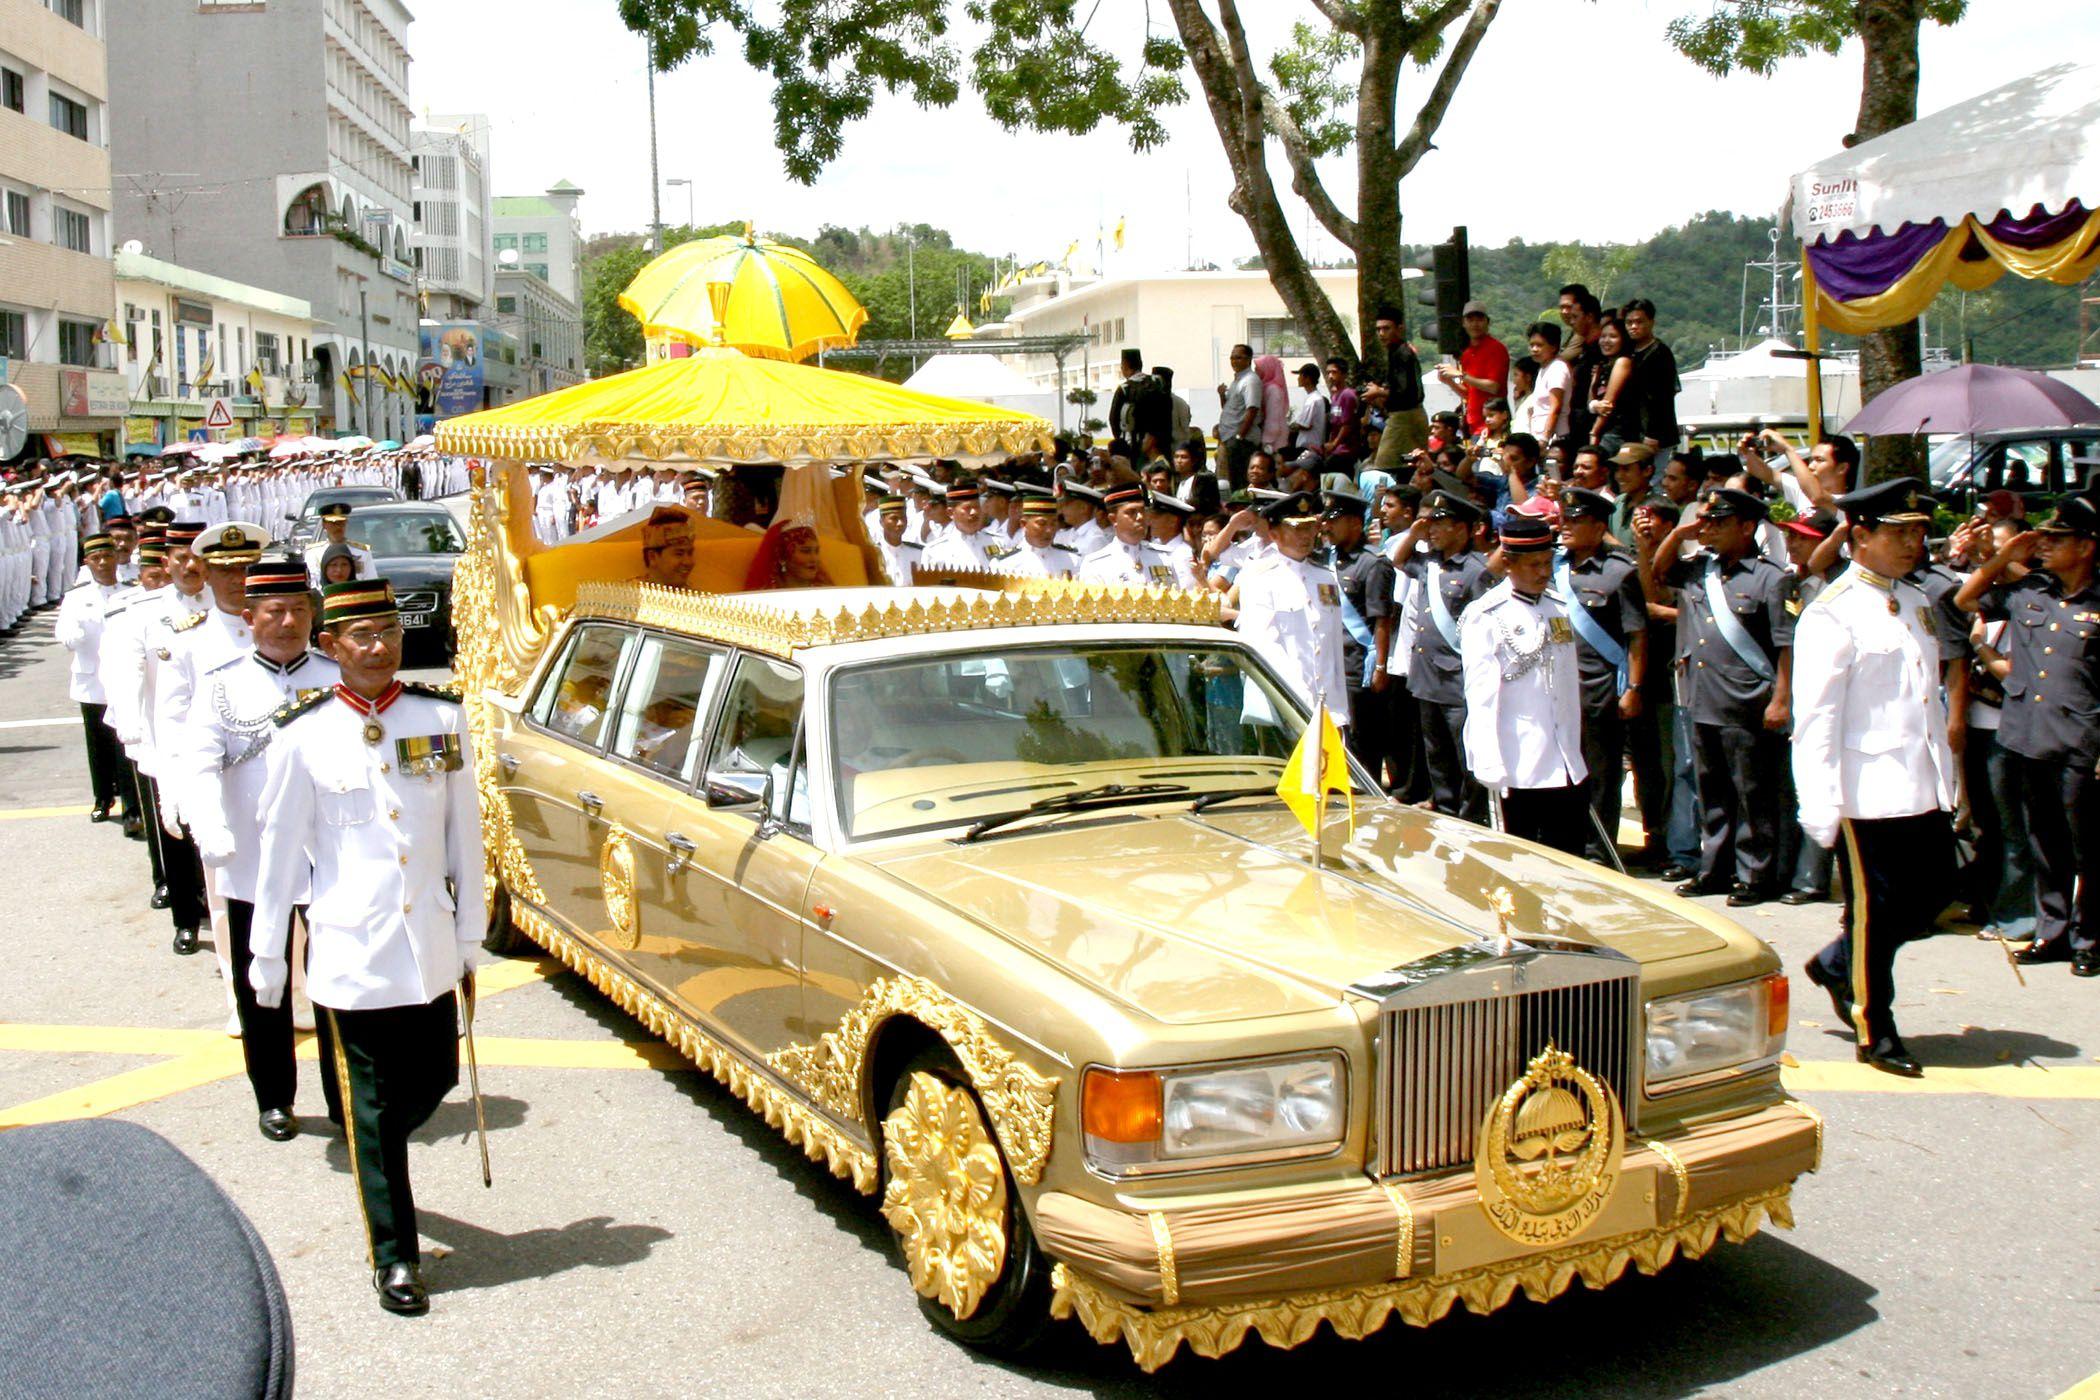 سيارات سلطان بروناي 28 مليار دولار أمريكي من السيارات الغريبة